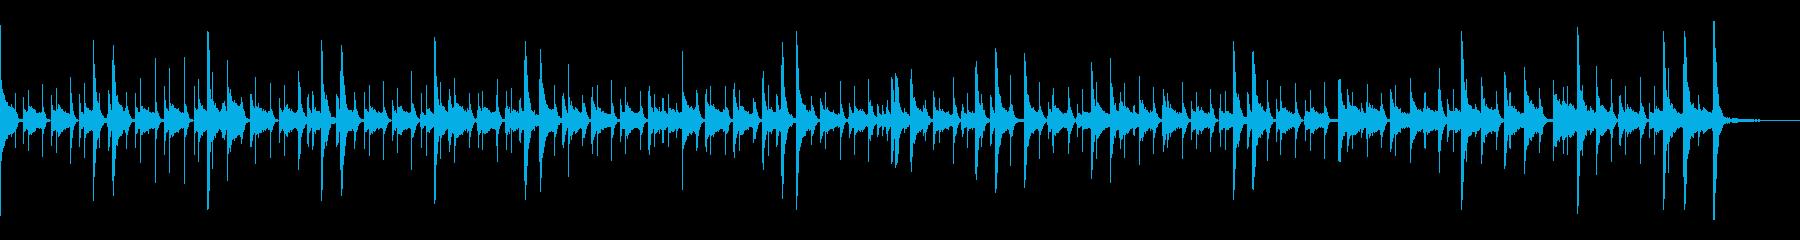 ドラム:ジャズリズム、ハイハット、...の再生済みの波形